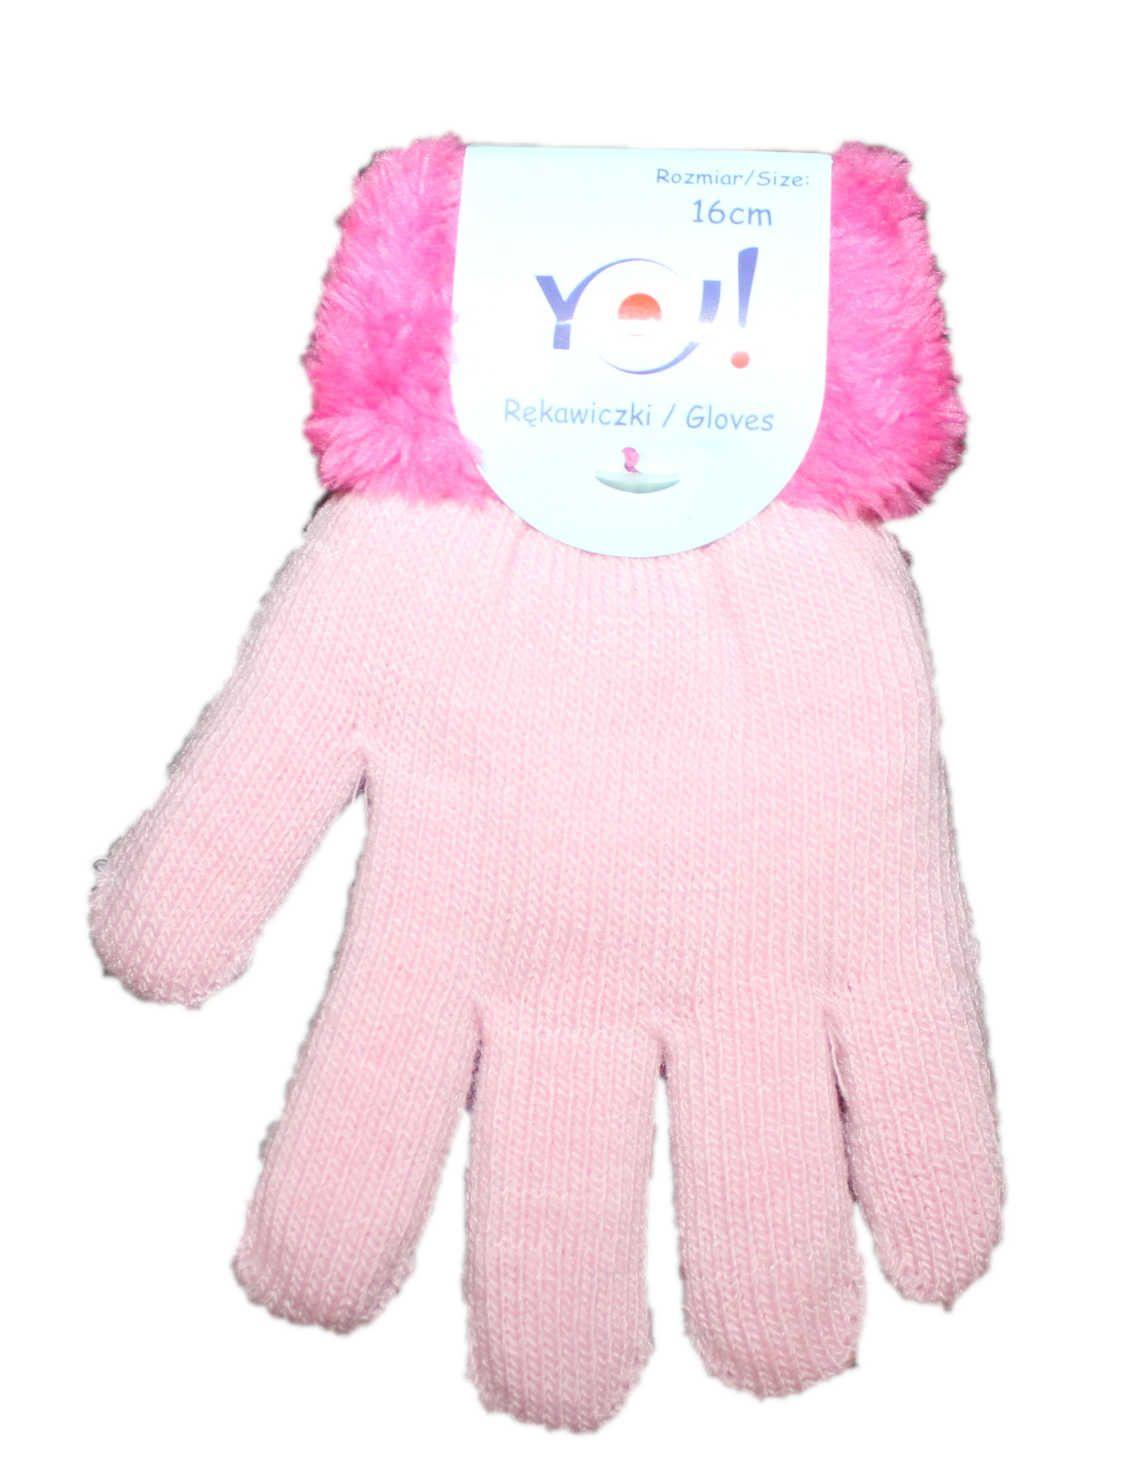 4c9f0b6b22e Dětské rukavice dětské prstové rukavice New fashion